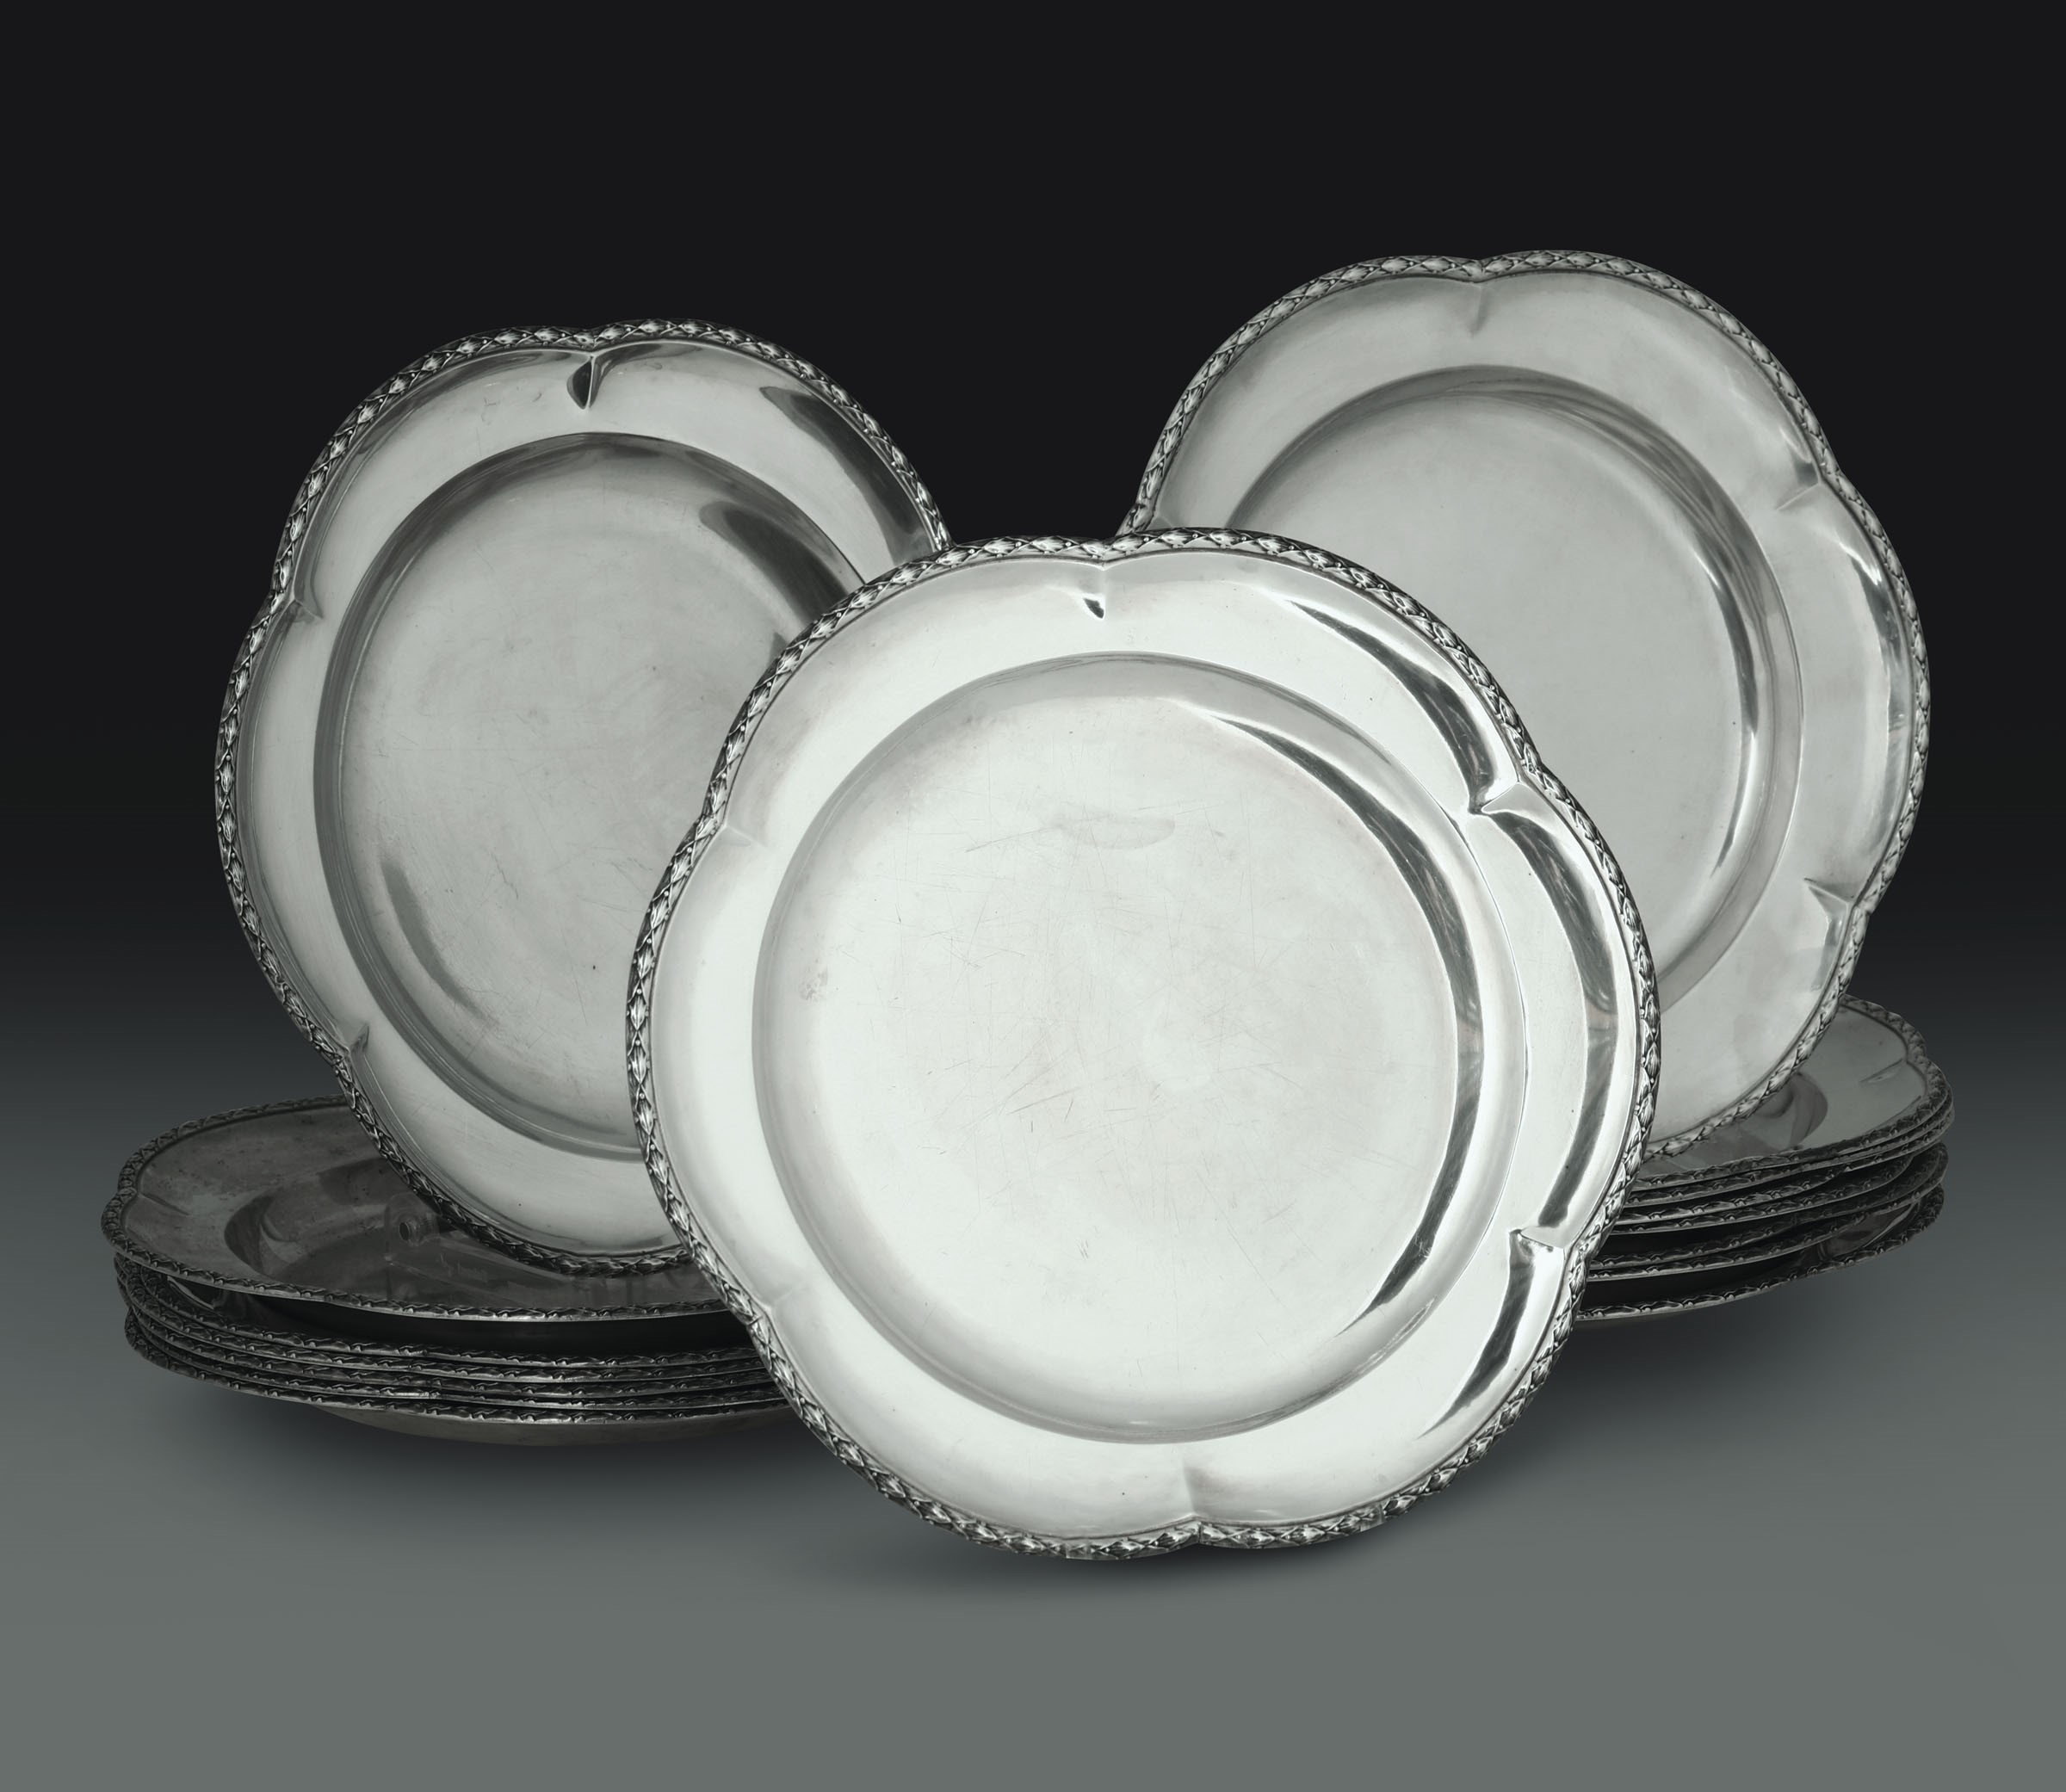 Lot 52 - Sedici piatti in argento. Manifattura iberica del XX secolo, - - gr. 5900, diametro [...]